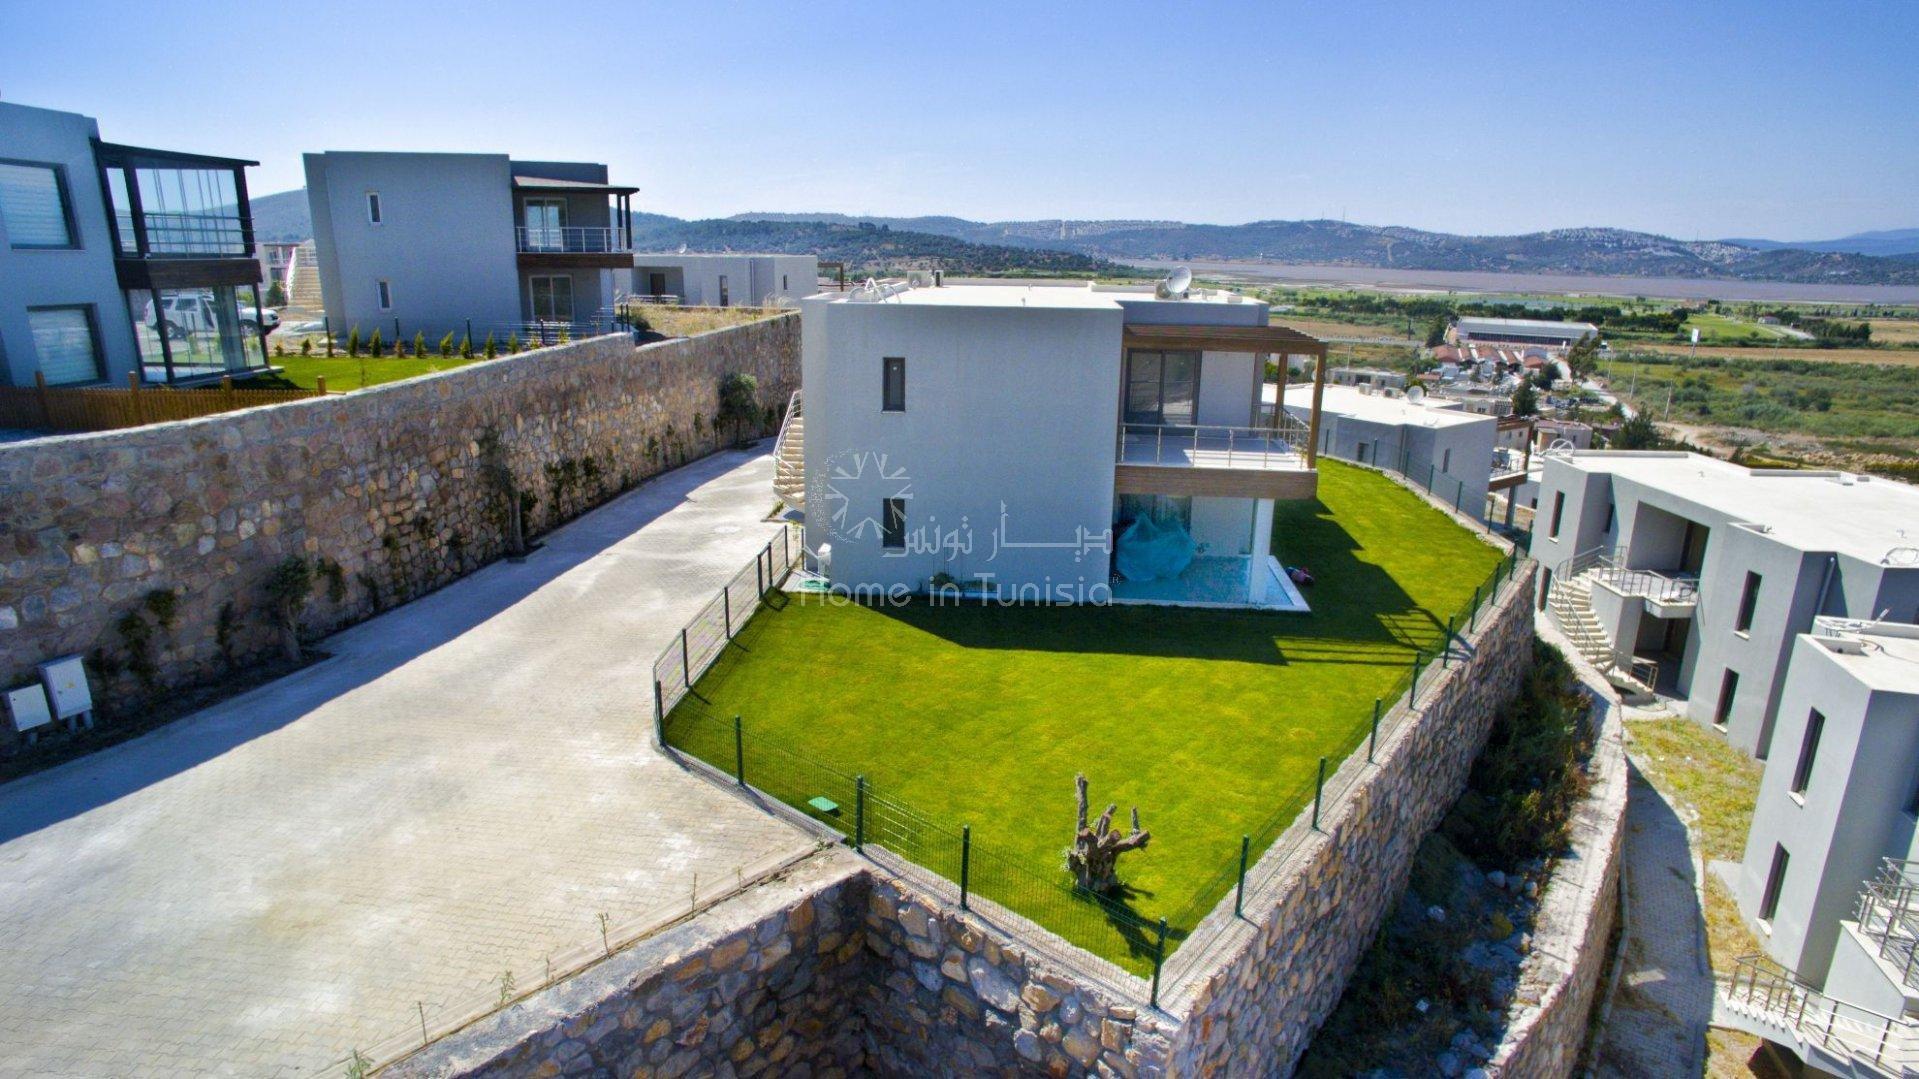 Vendita Appartamento - Bodrum - Turchia